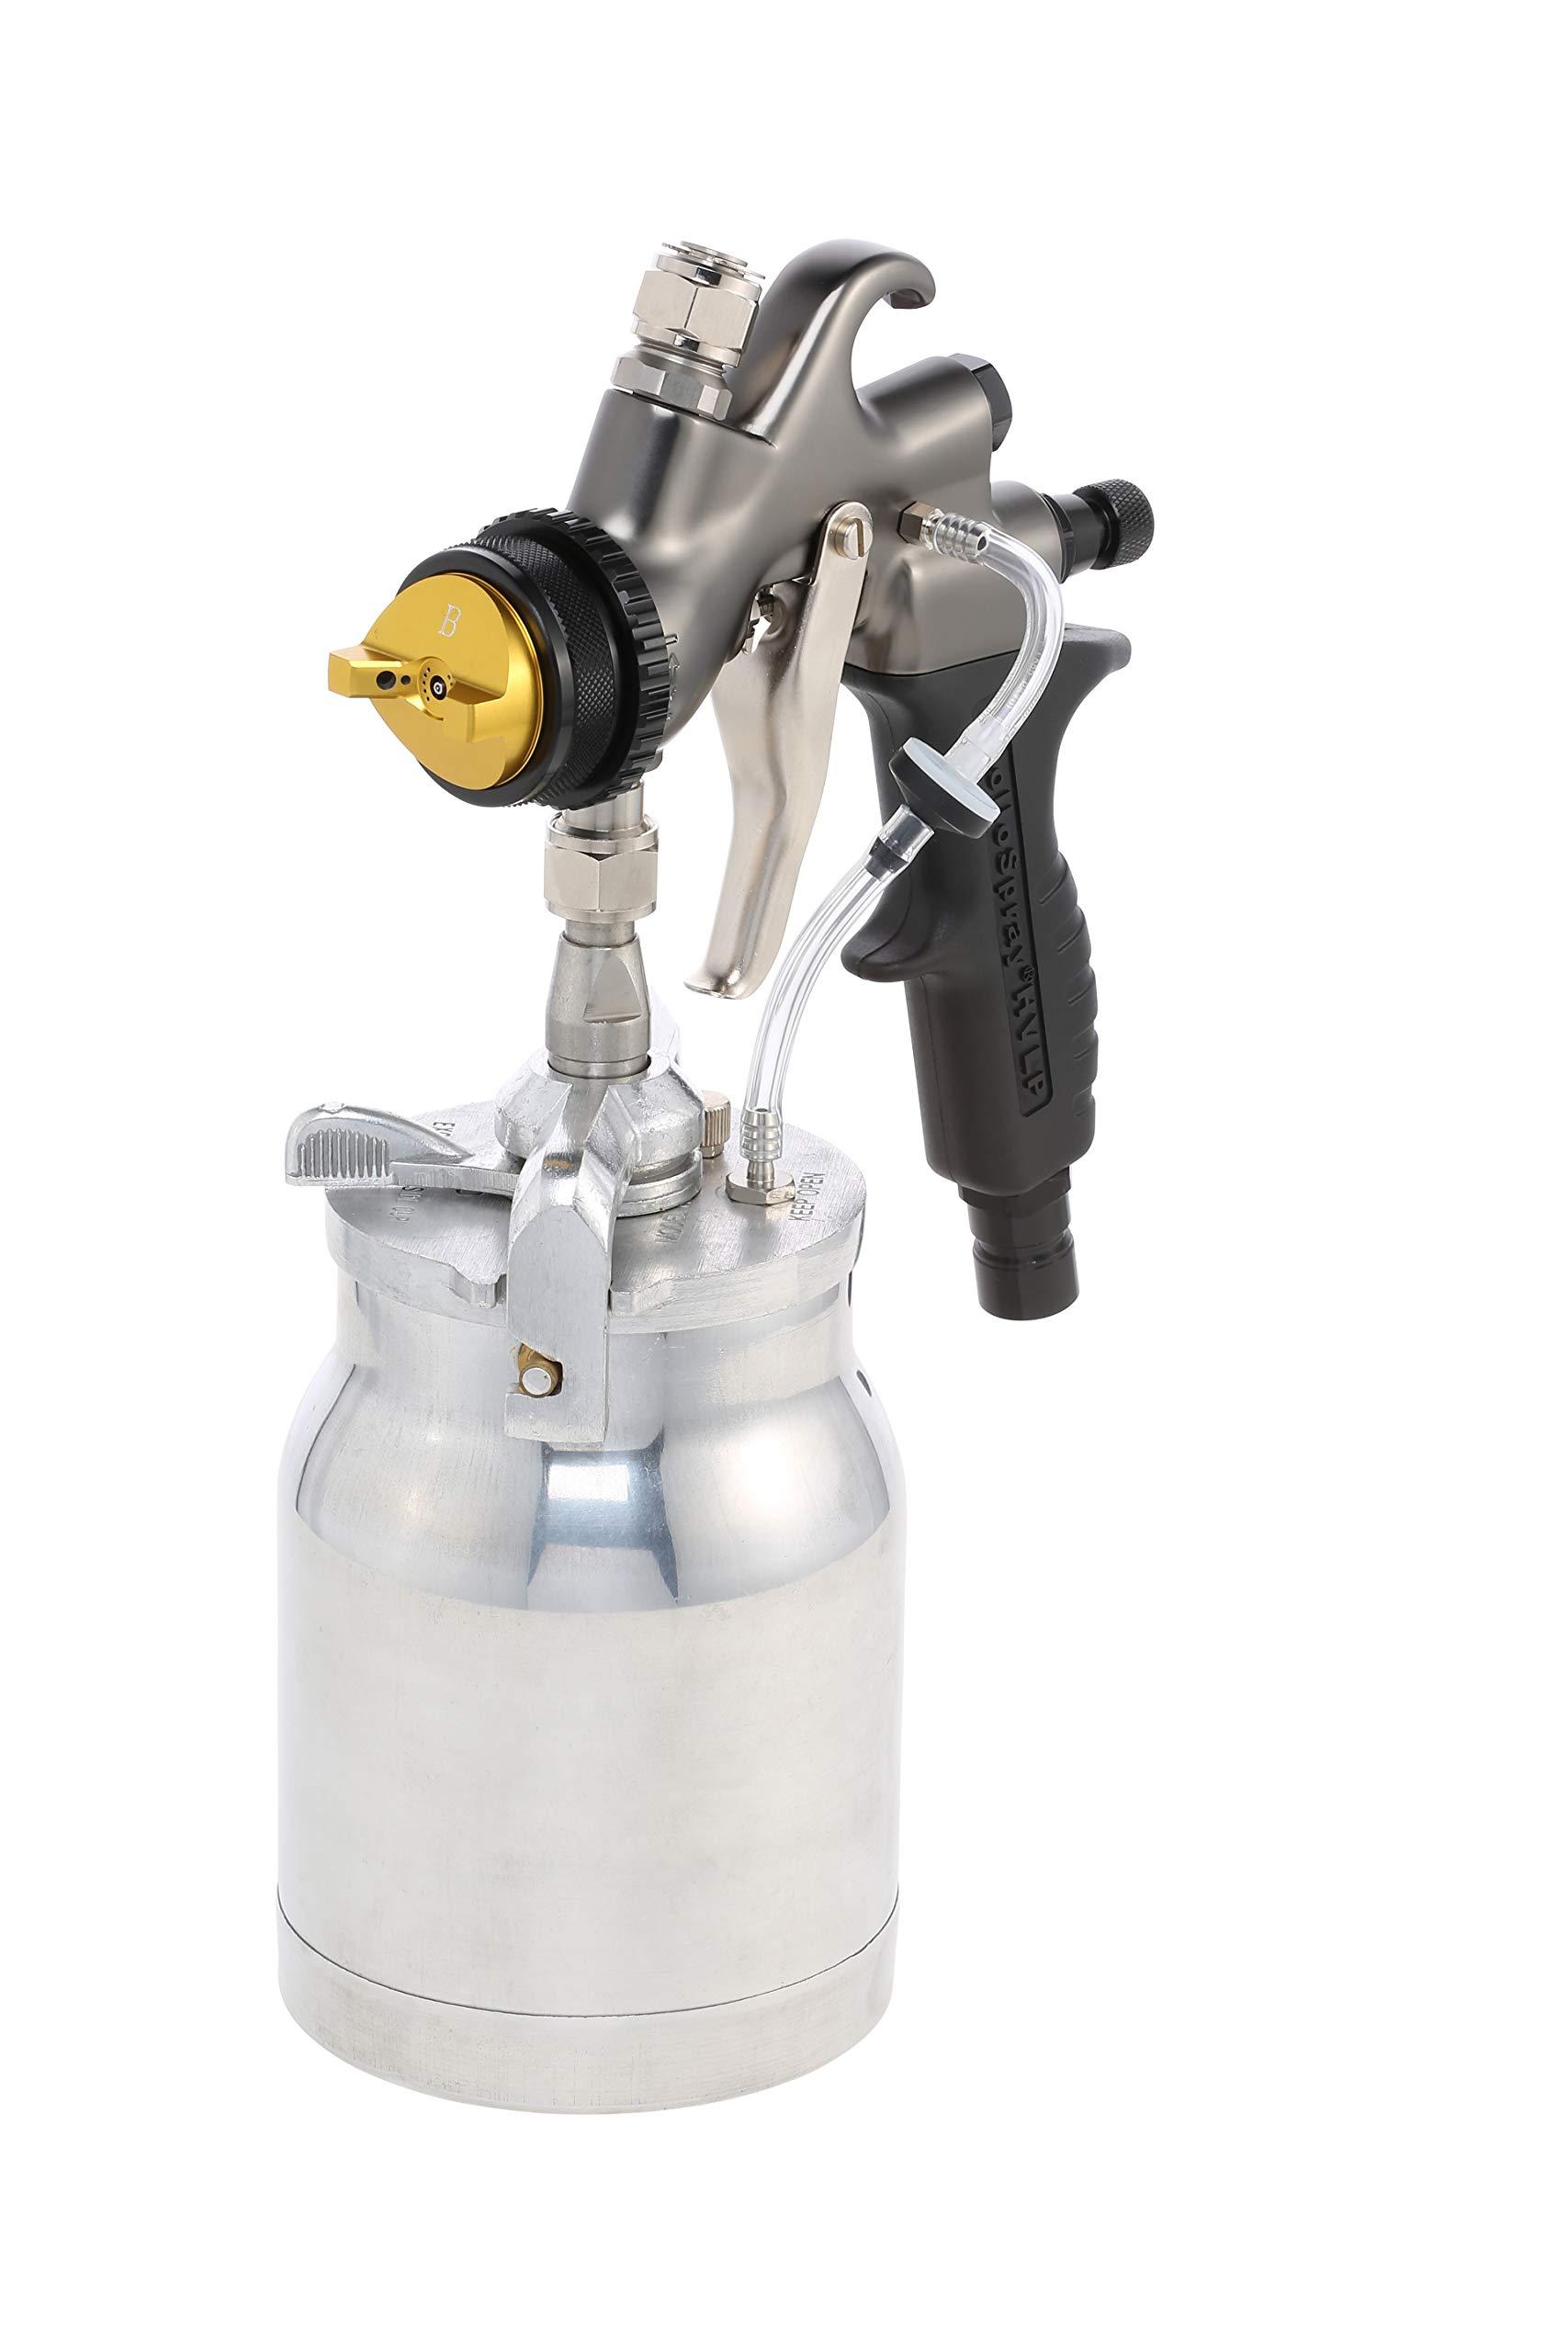 Apollo A7700 Atomizer Turbine Spray Gun with 1Qt. Pressure Feed Cup